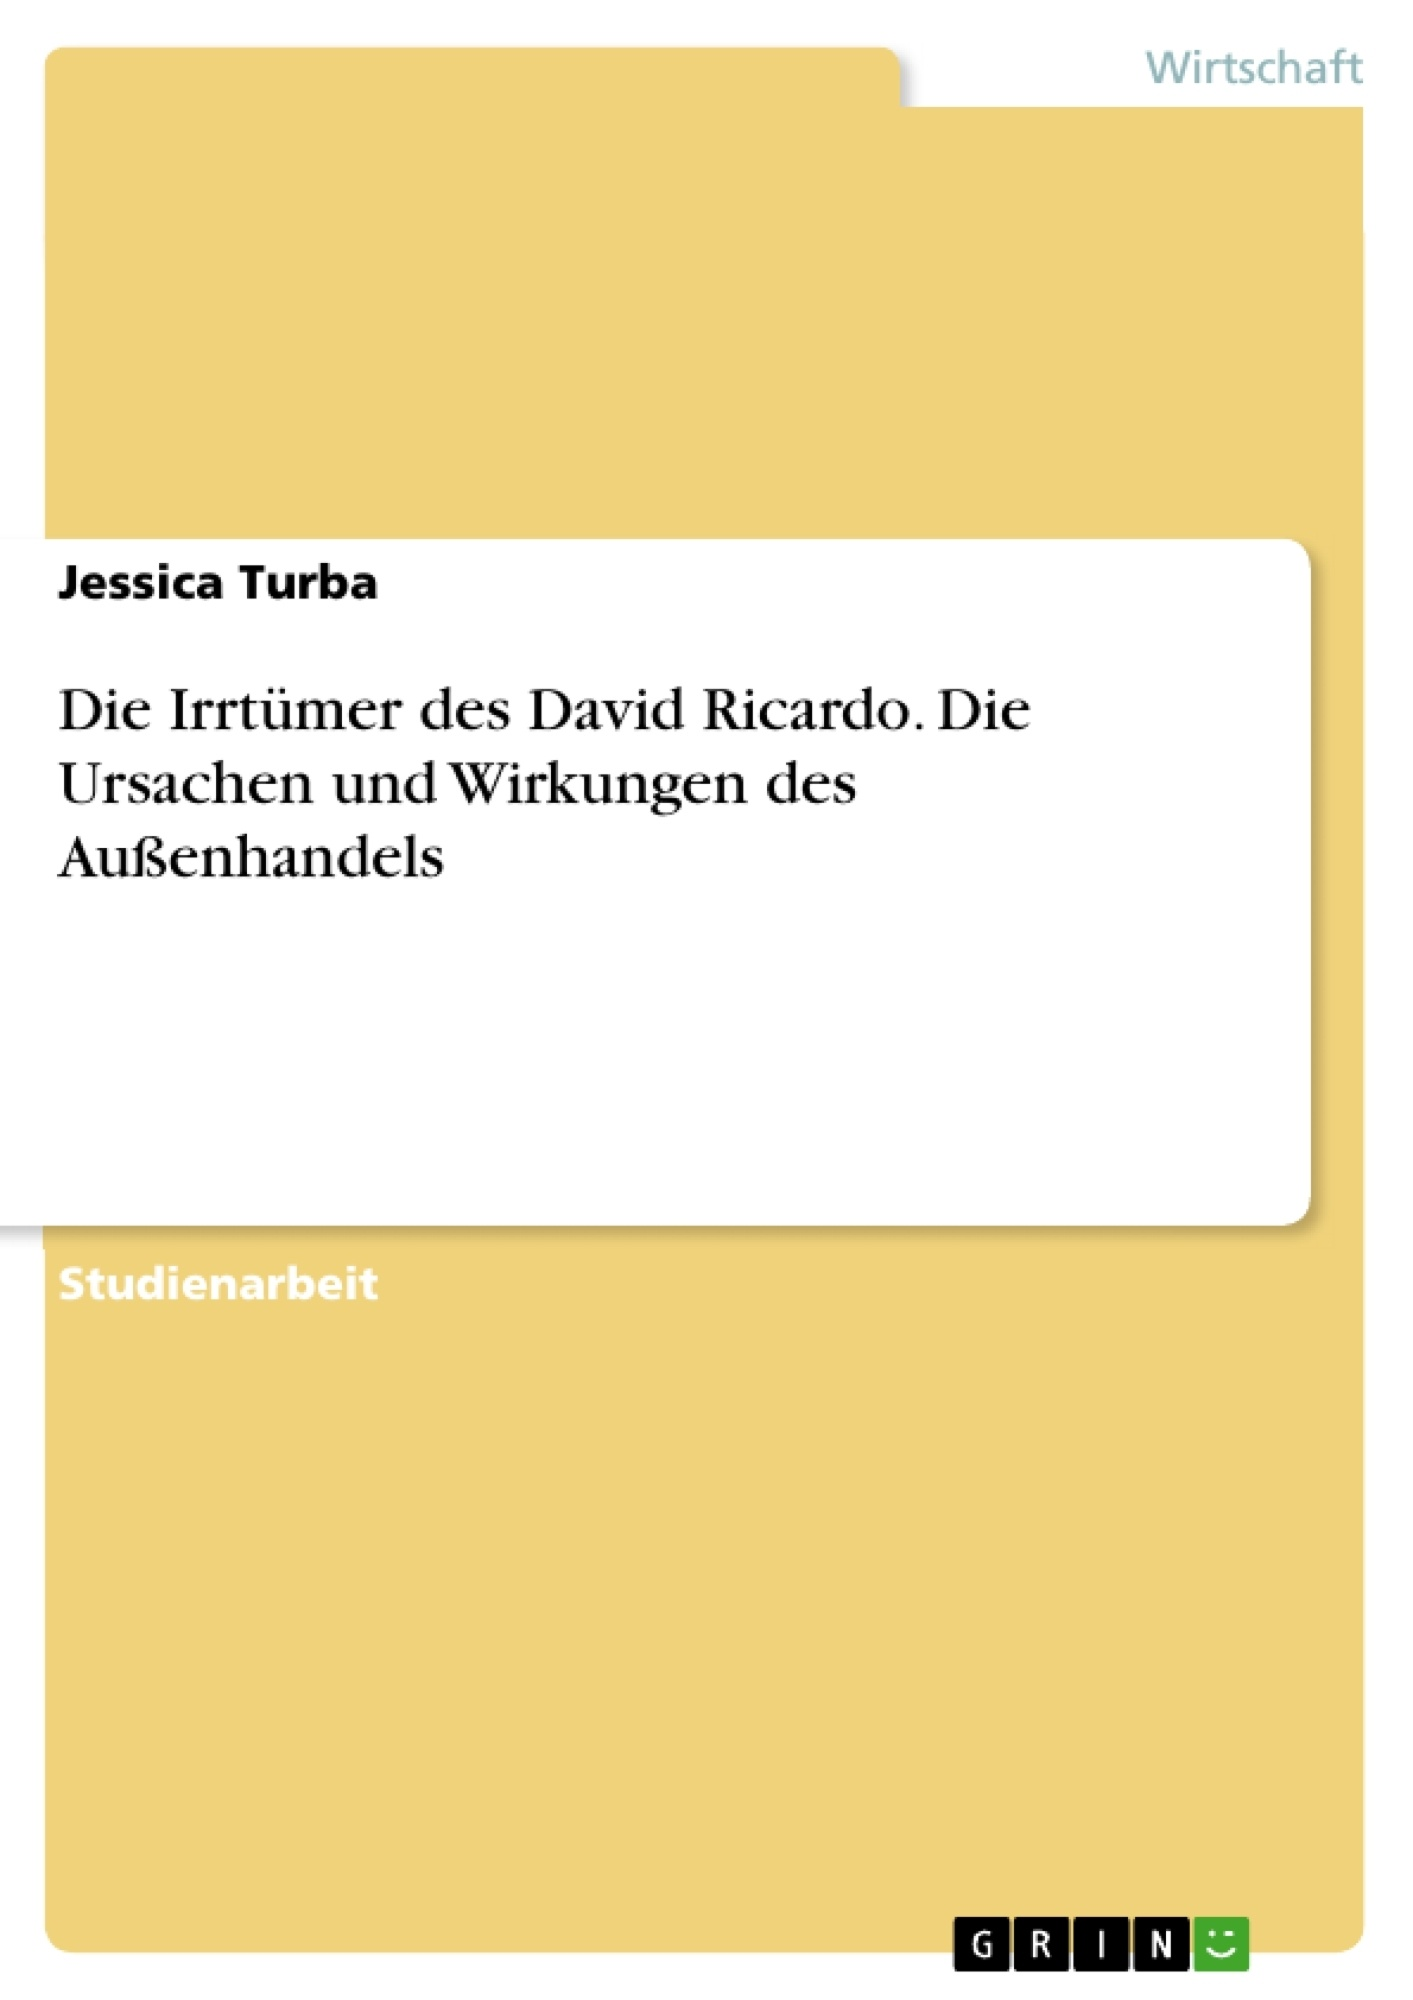 Titel: Die Irrtümer des David Ricardo. Die Ursachen und Wirkungen des Außenhandels